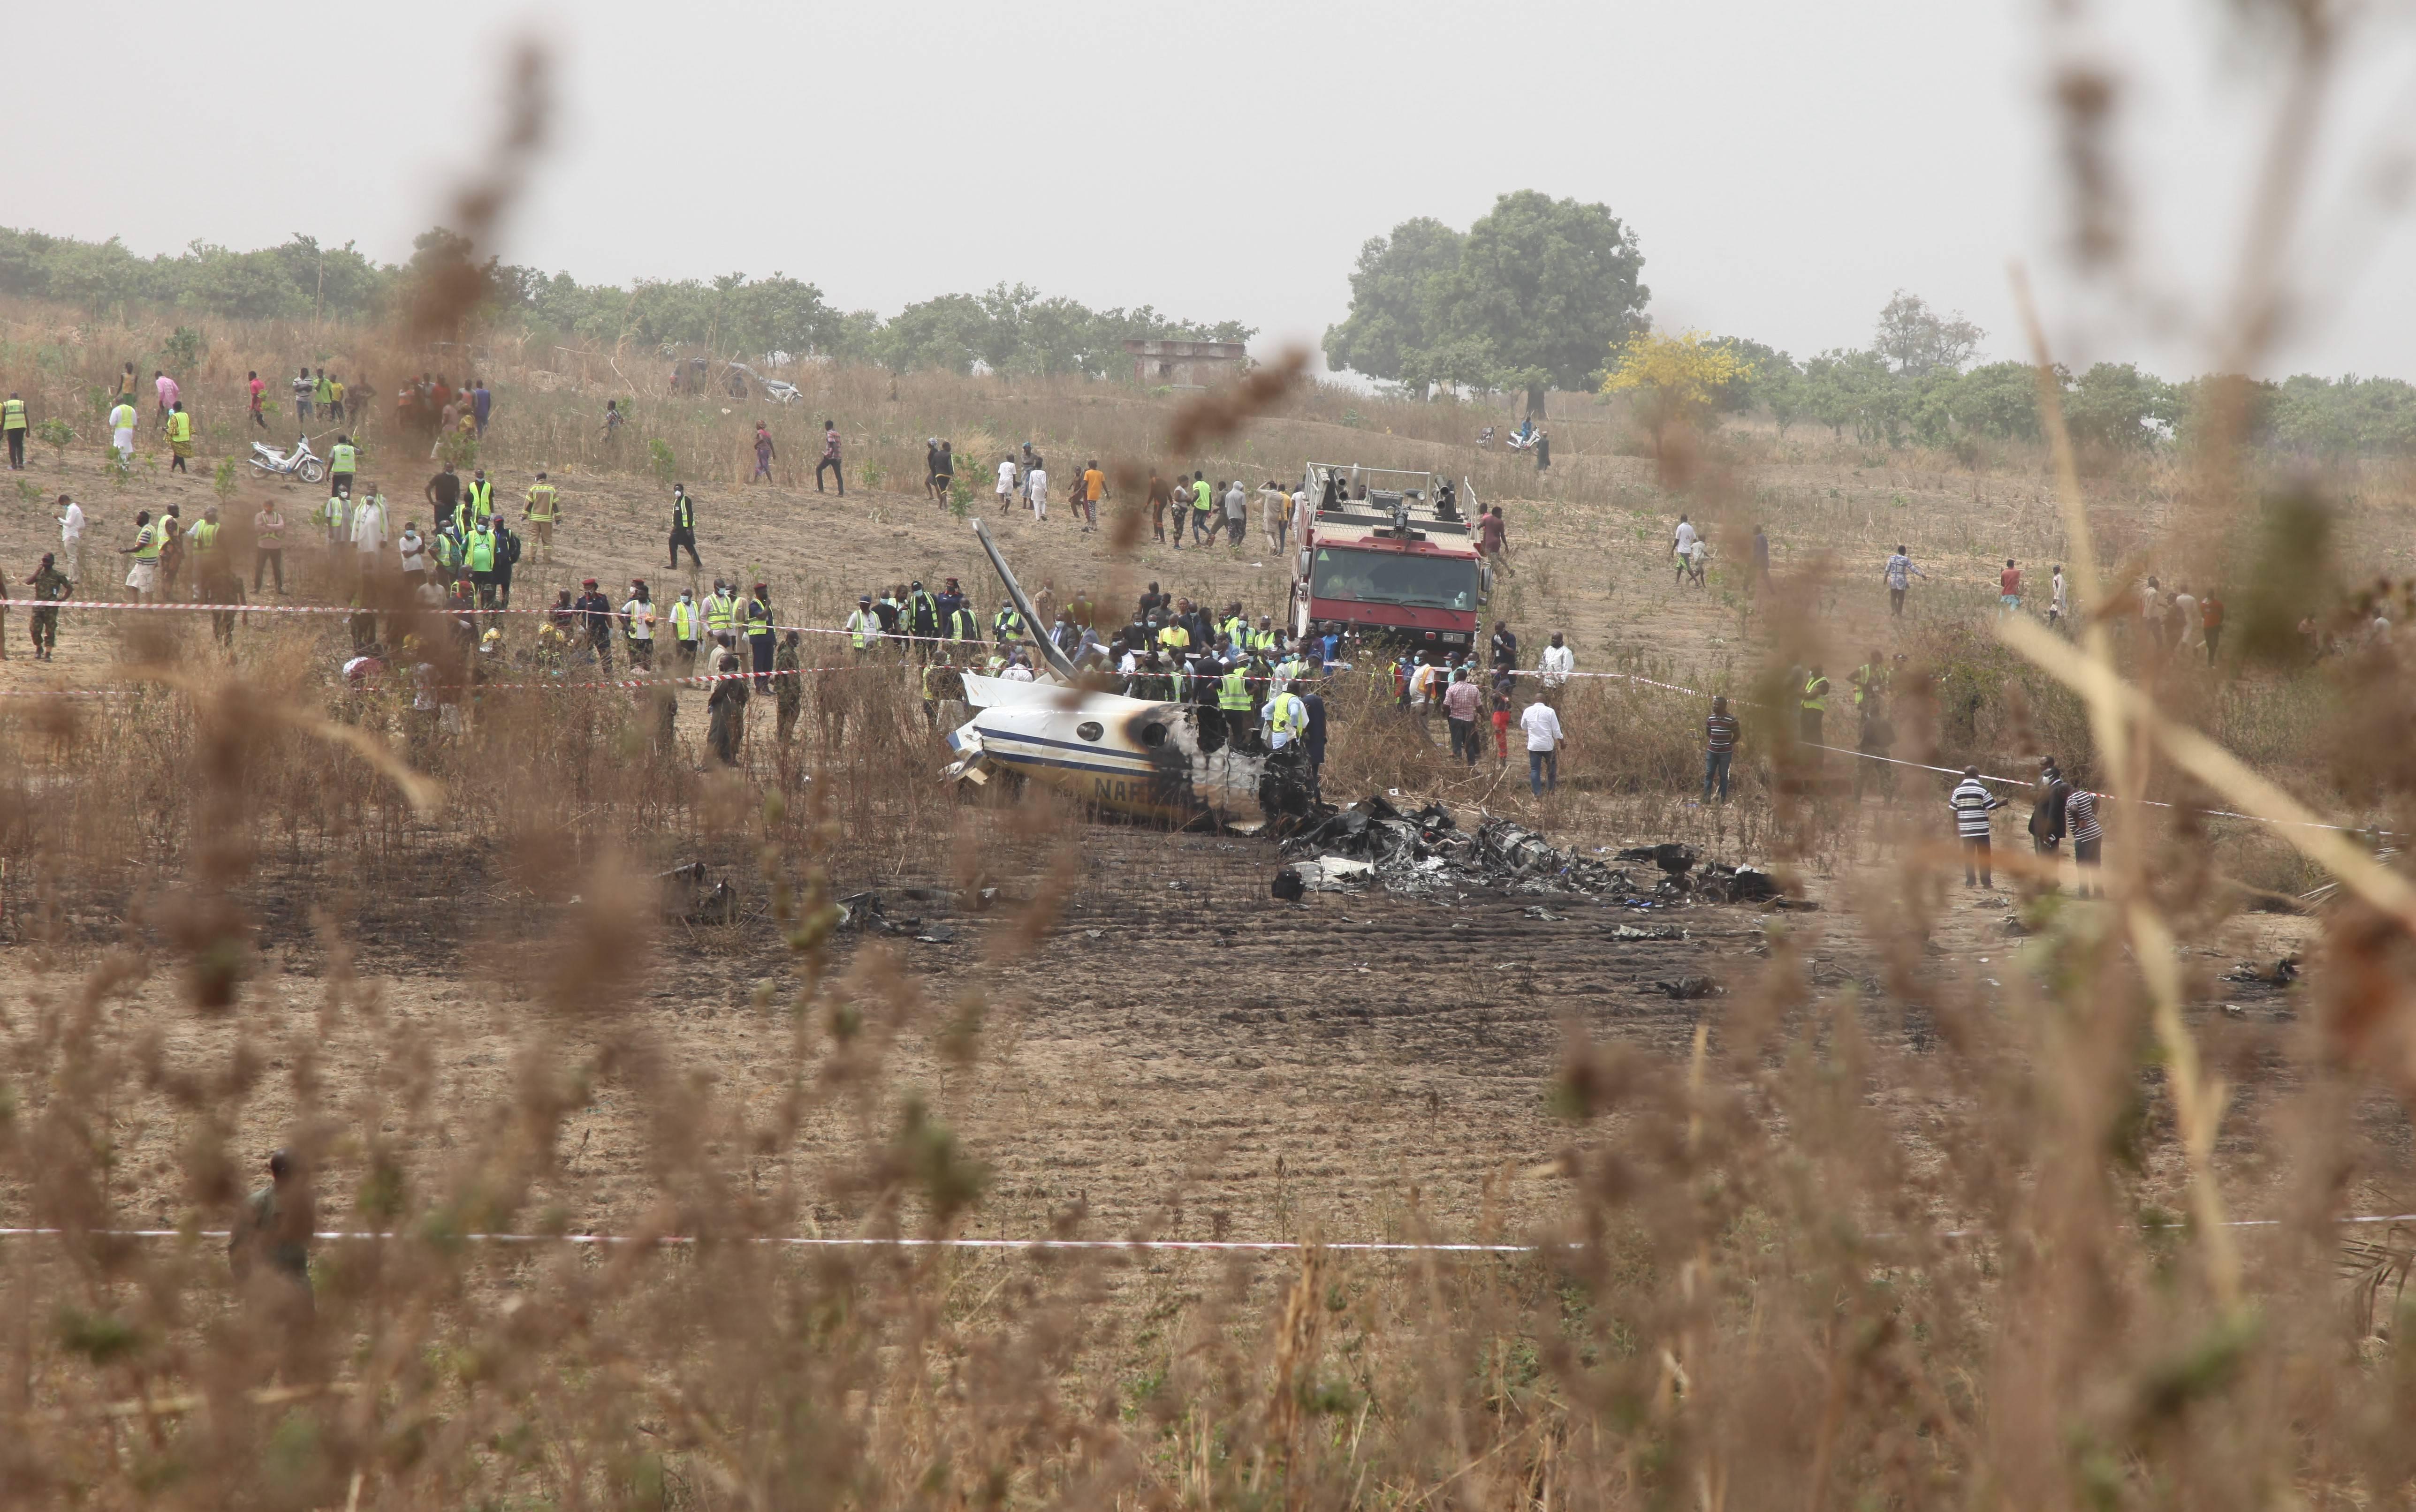 尼日利亚一军机坠毁致7人死亡